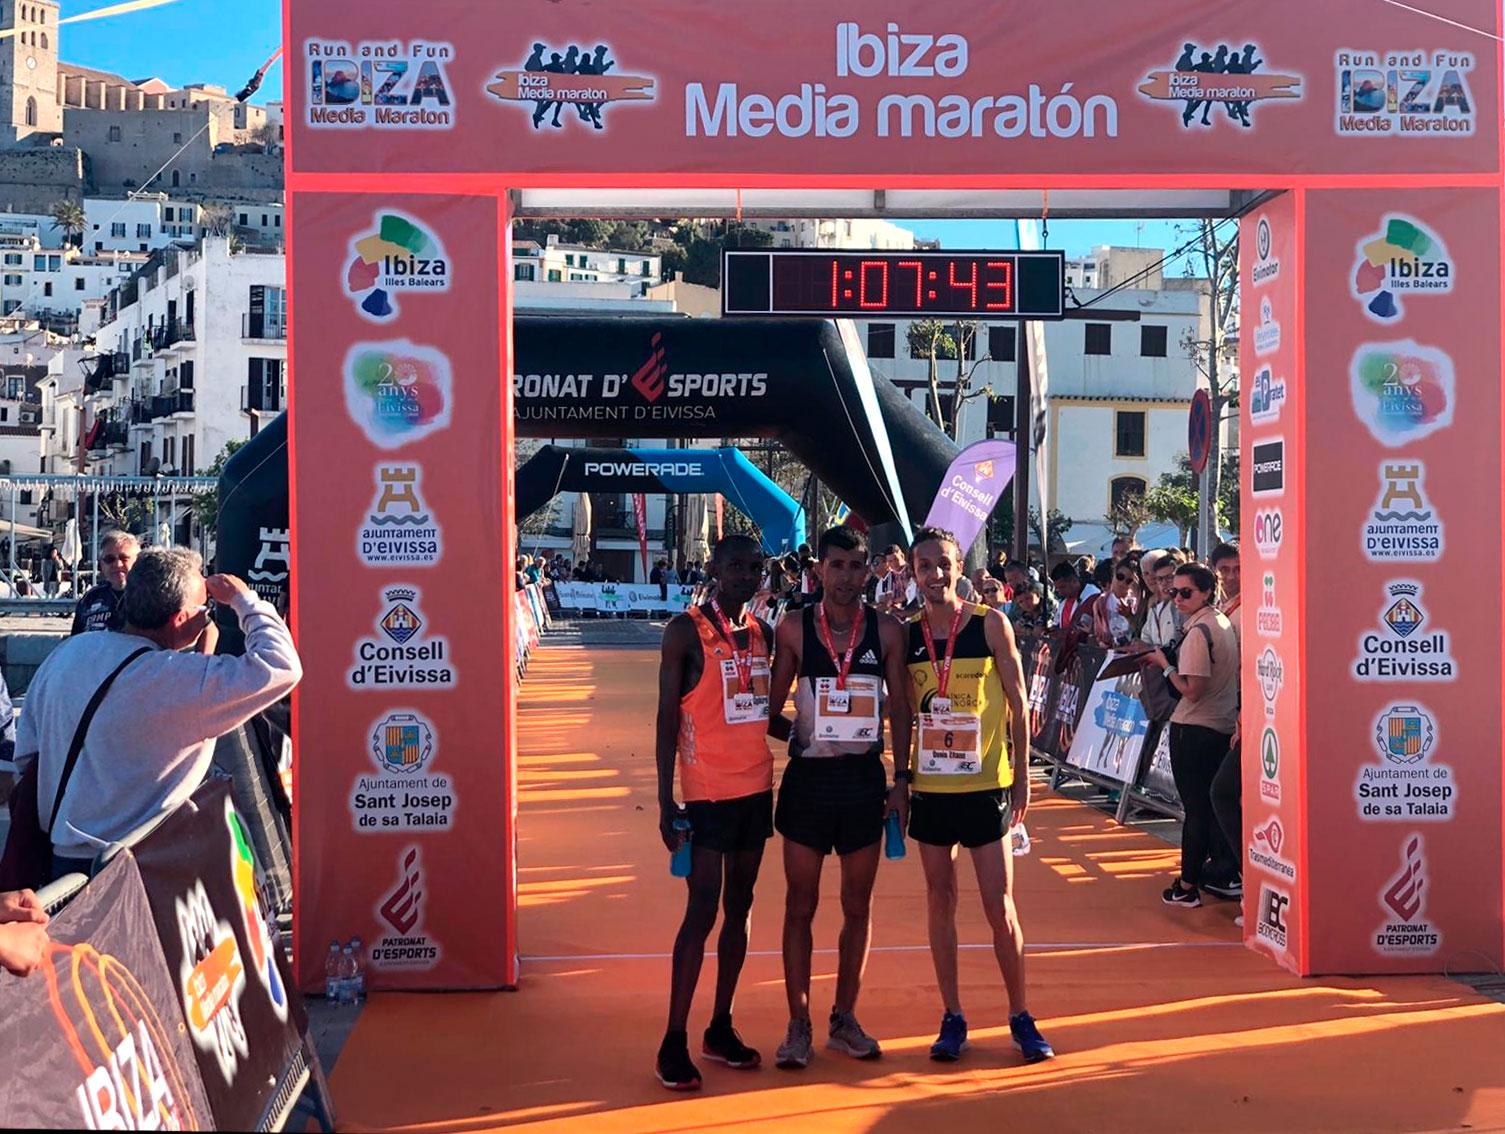 El Marroquí Bakari Khamis Y La Keníata Beatrice Cherono Ganan La Séptima Edición De La Ibiza Media Maratón 2019